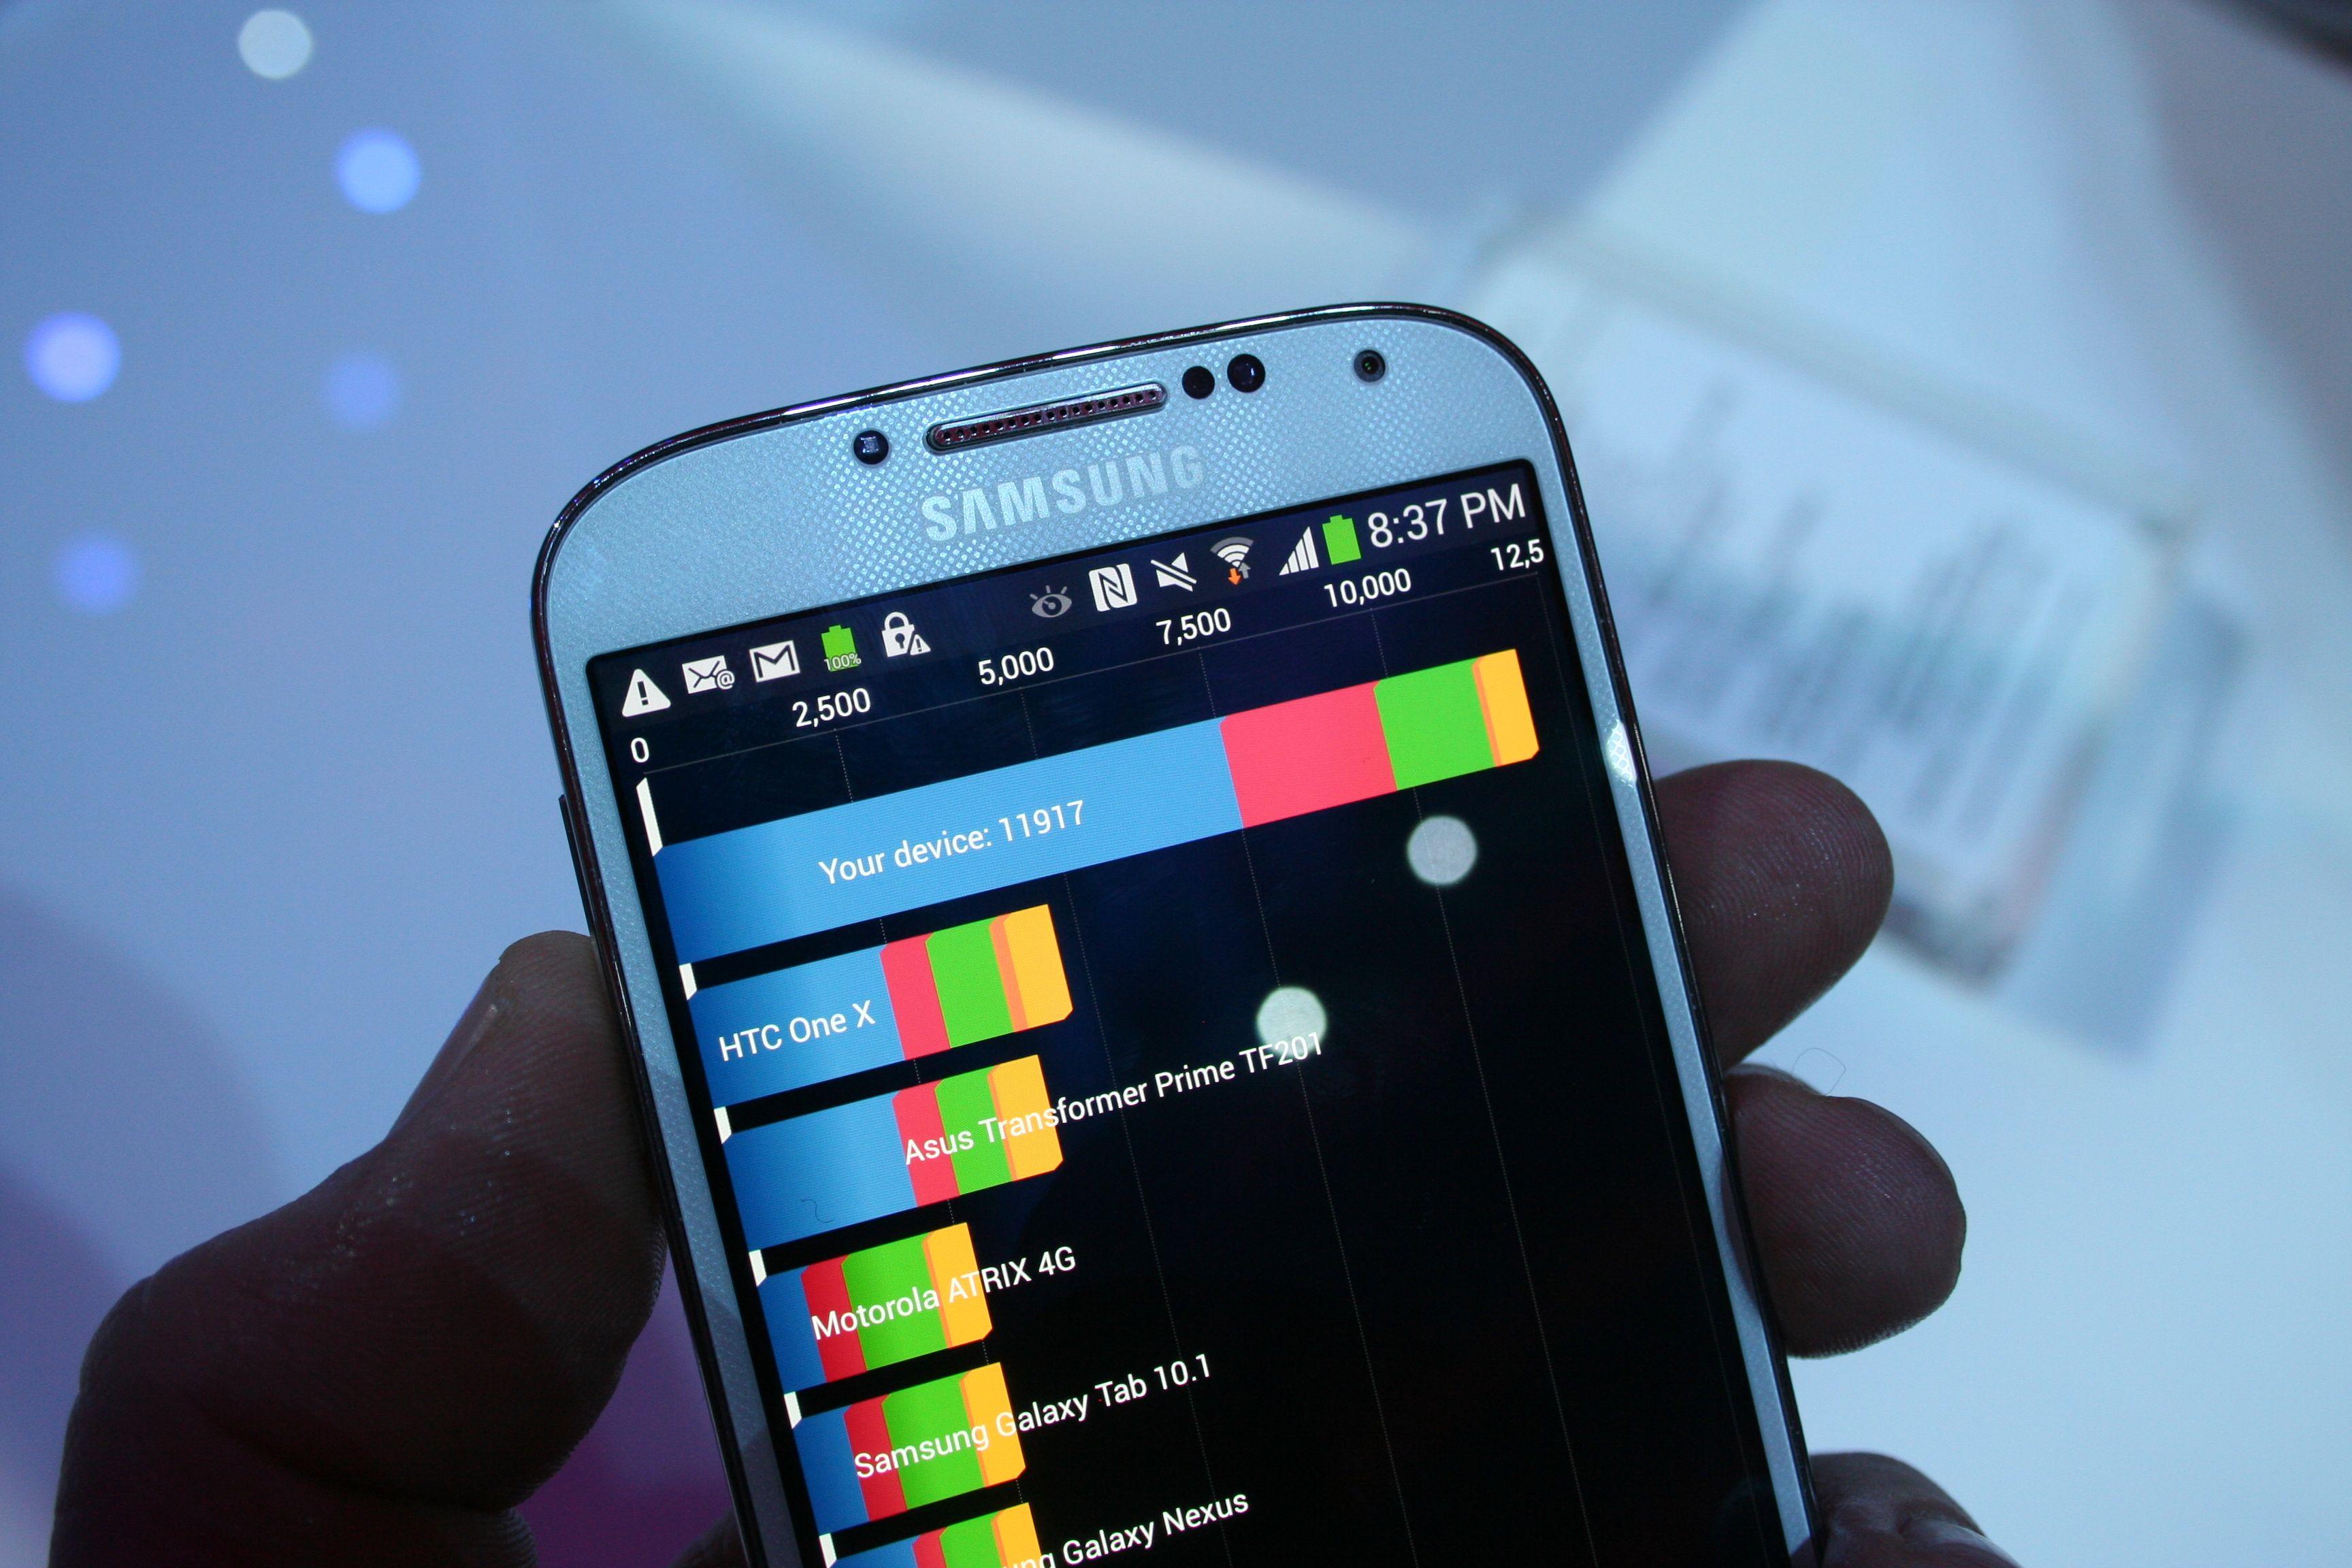 Samsung Galaxy S4 benchmark